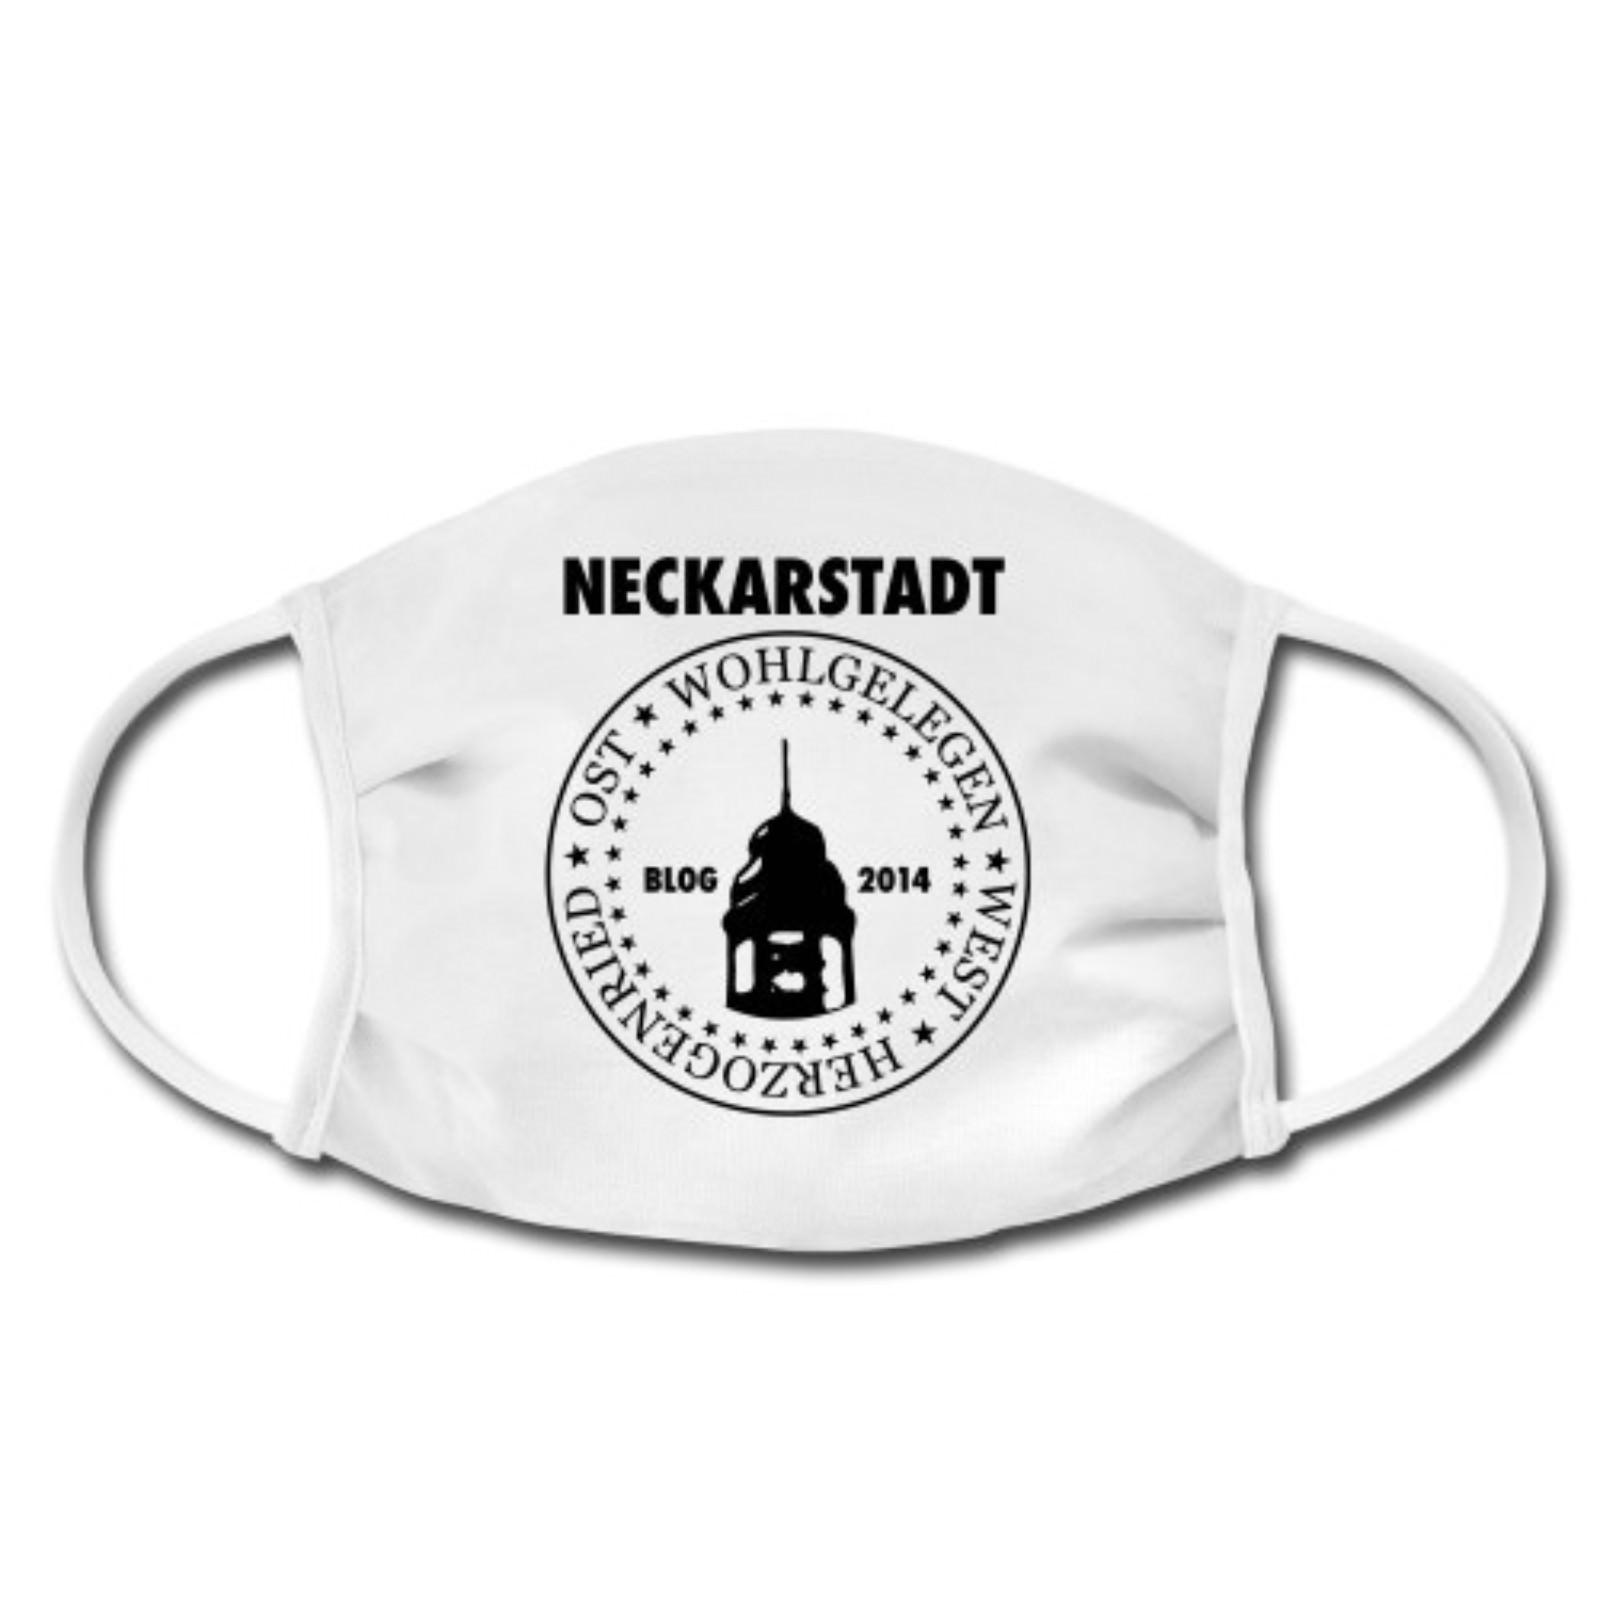 neckarstadt-blog-seit-2014-gesichtsmaske